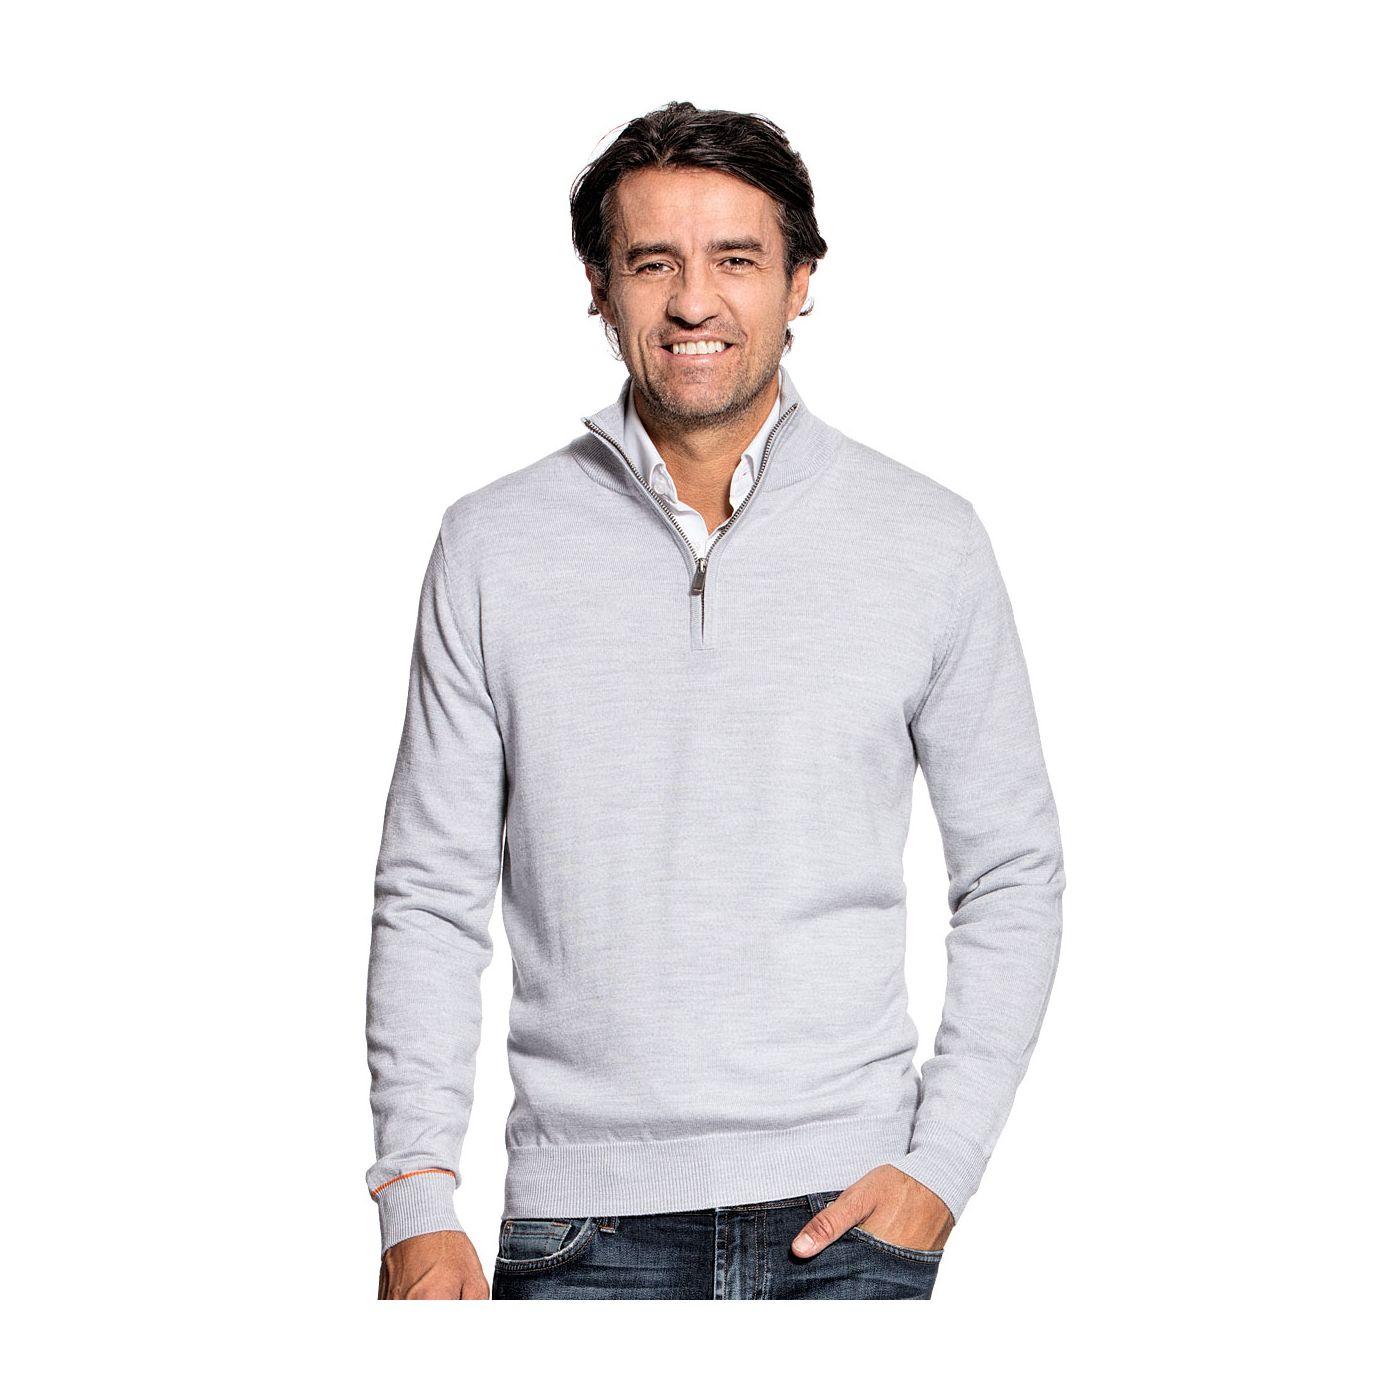 Half zip sweater for men made of Merino wool in Light grey